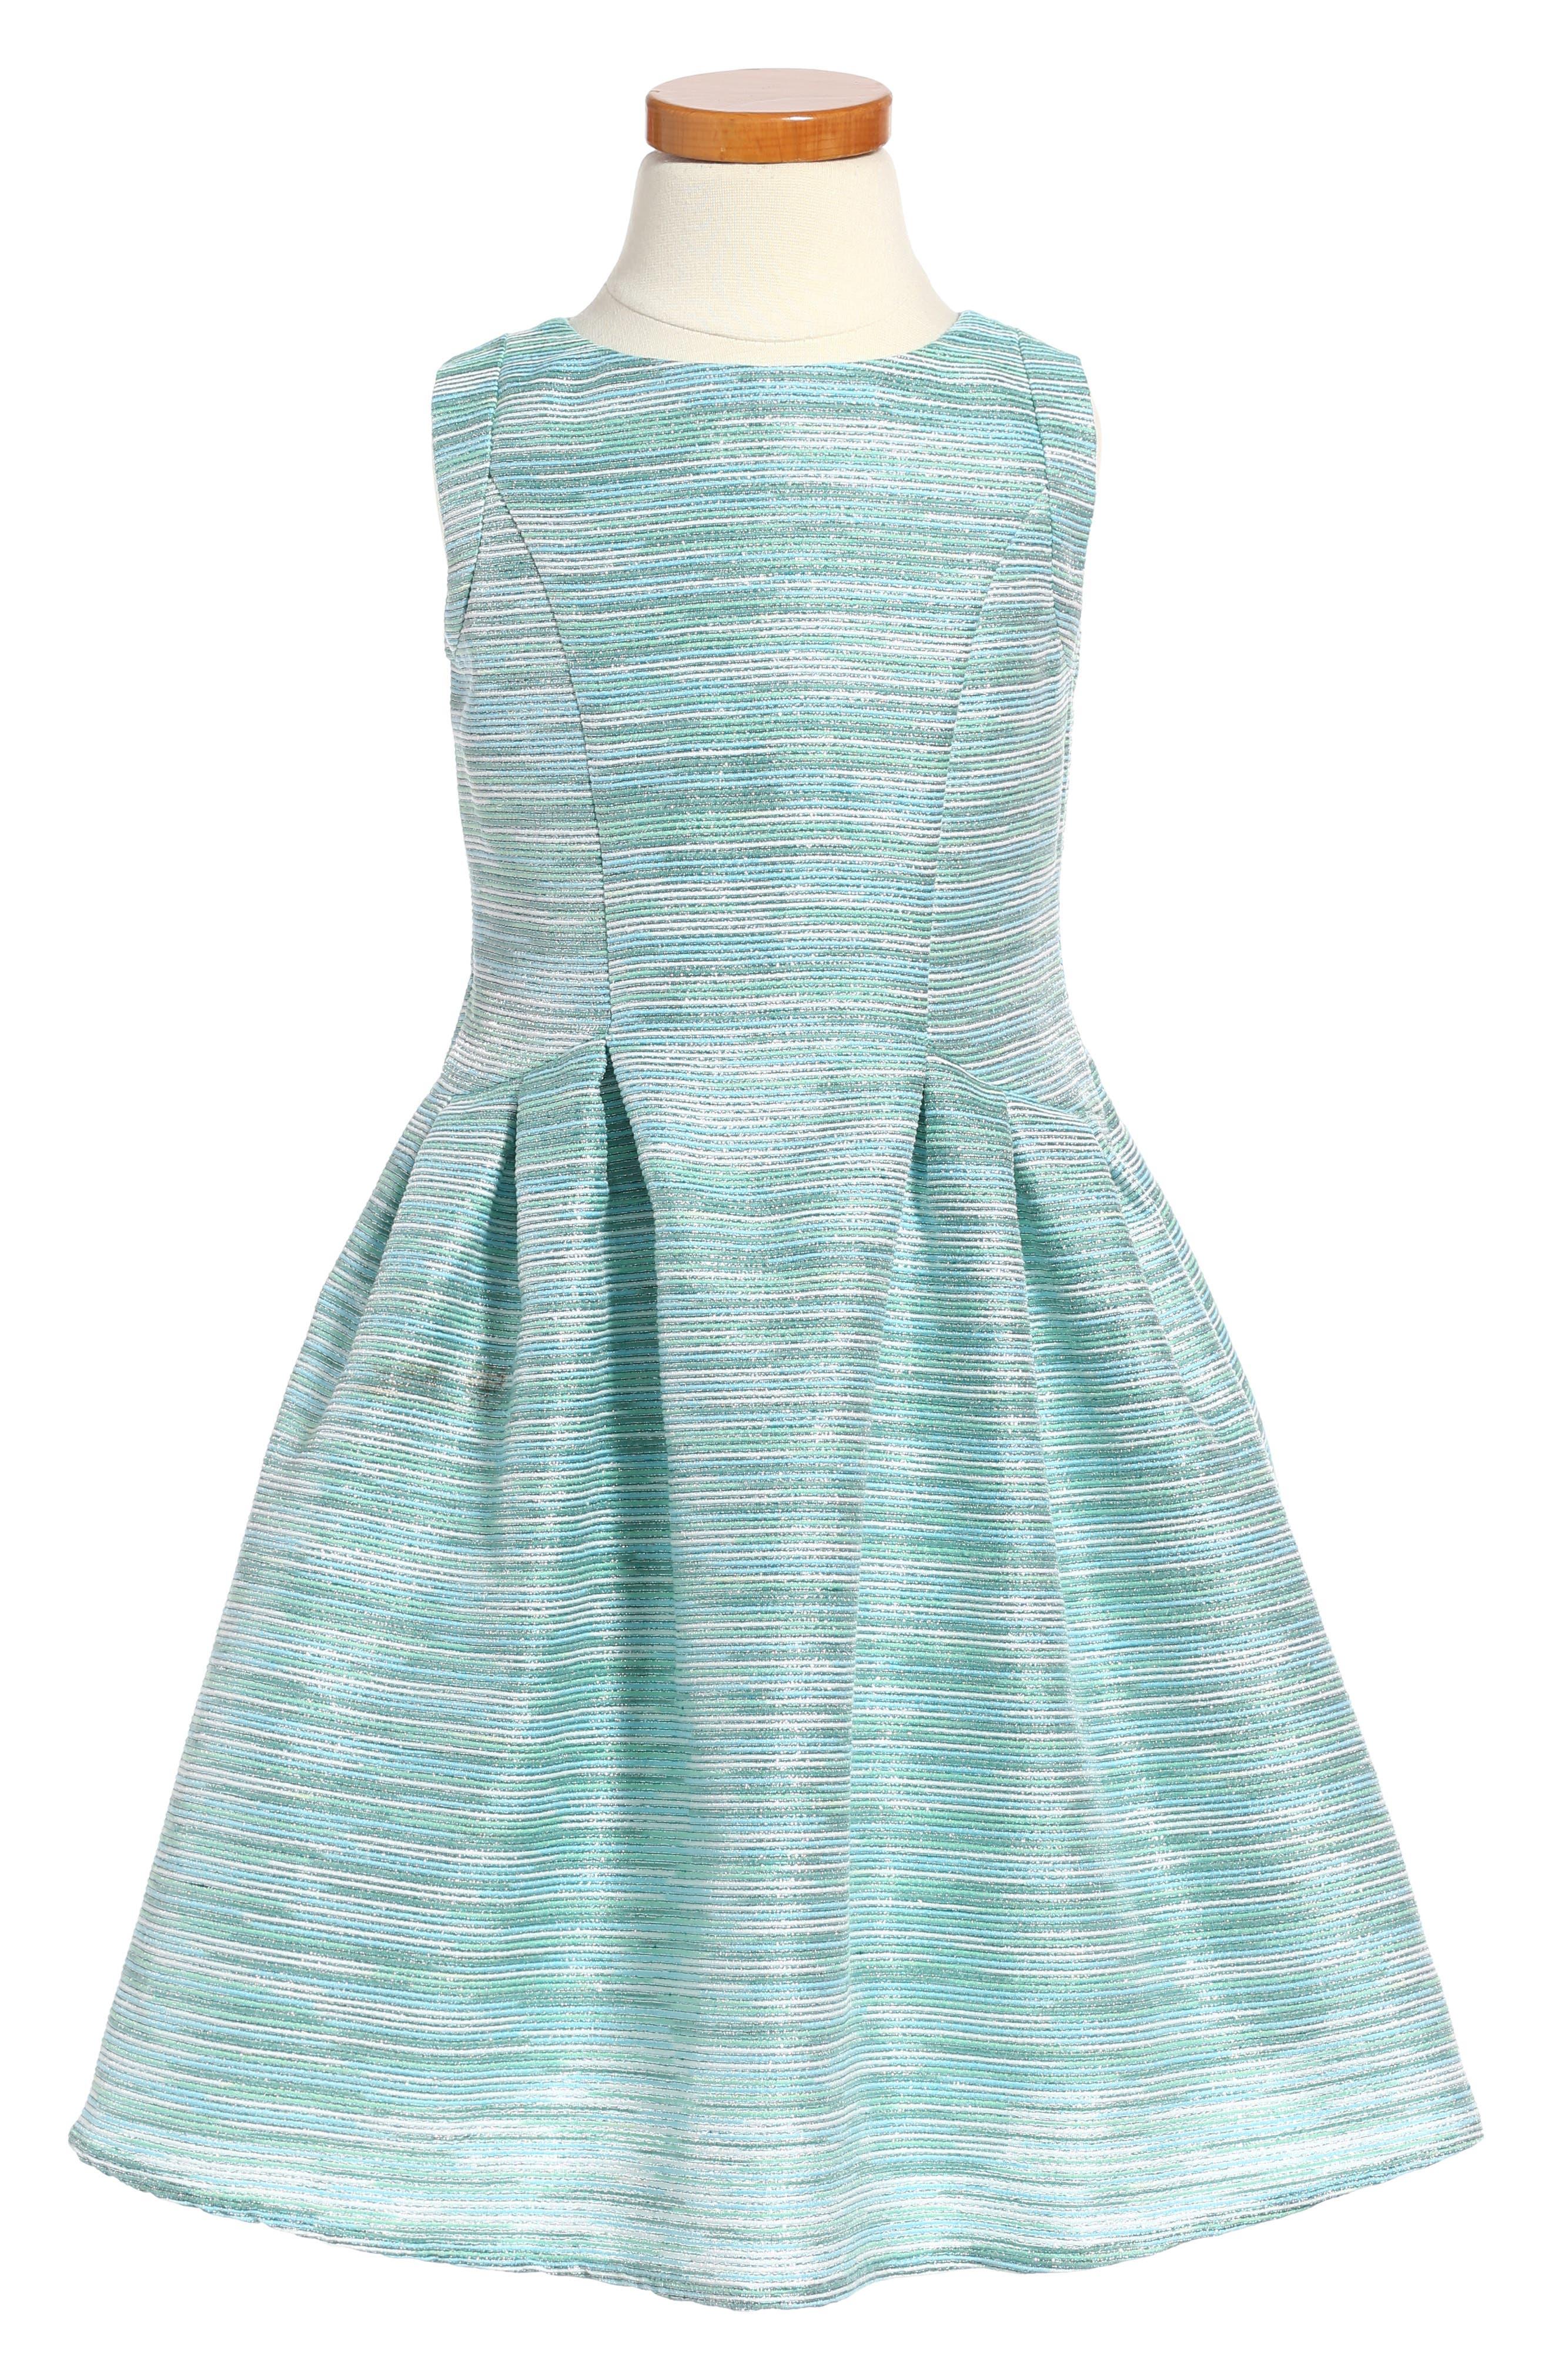 LITTLE ANGELS Stripe Brocade Sleeveless Dress